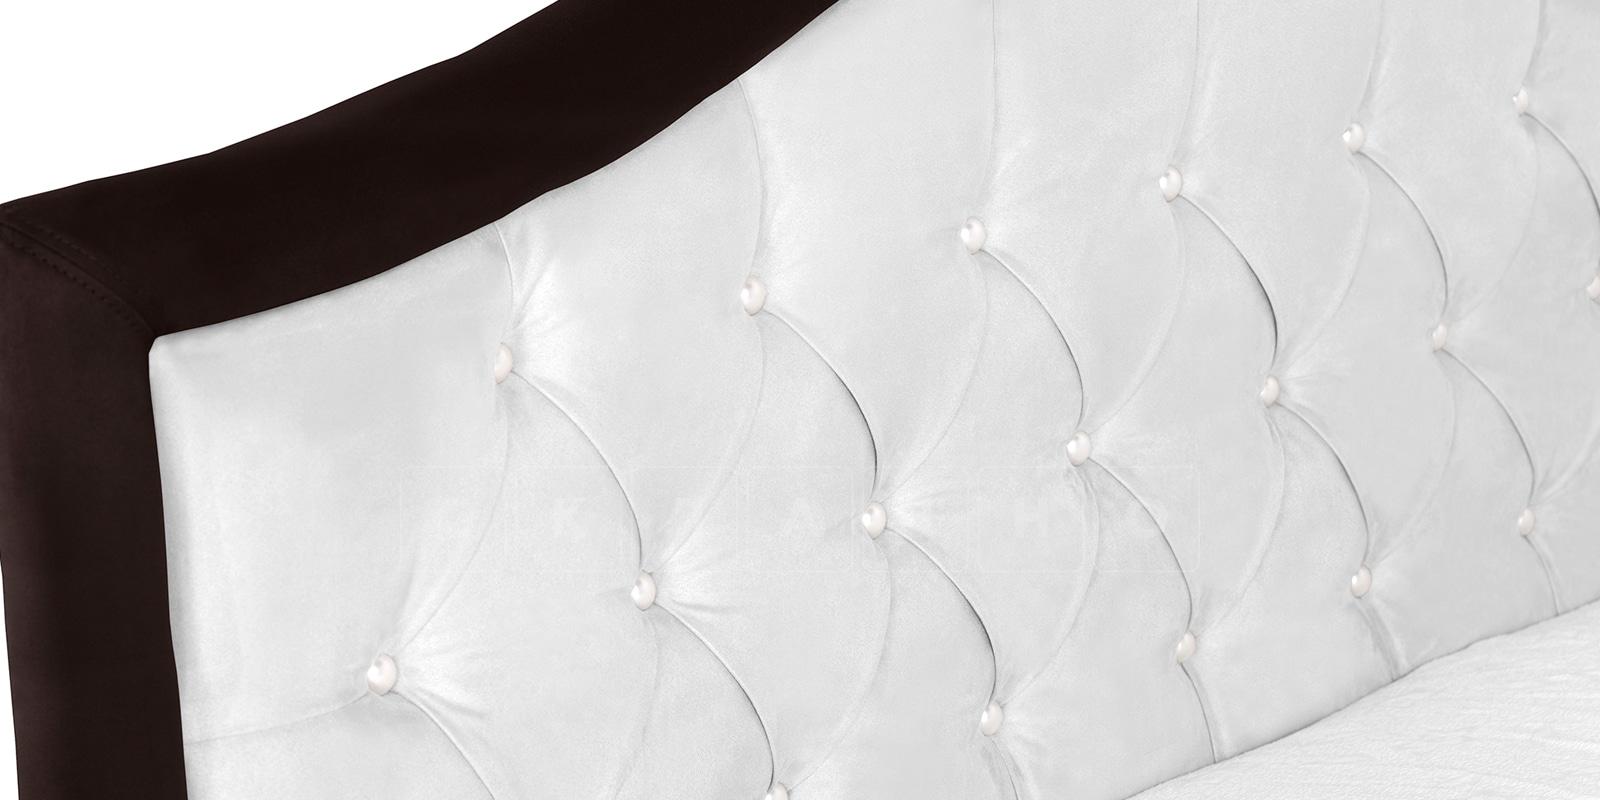 Мягкая кровать Малибу 160см экокожа белый-шоколад вариант 9-2 фото 5 | интернет-магазин Складно